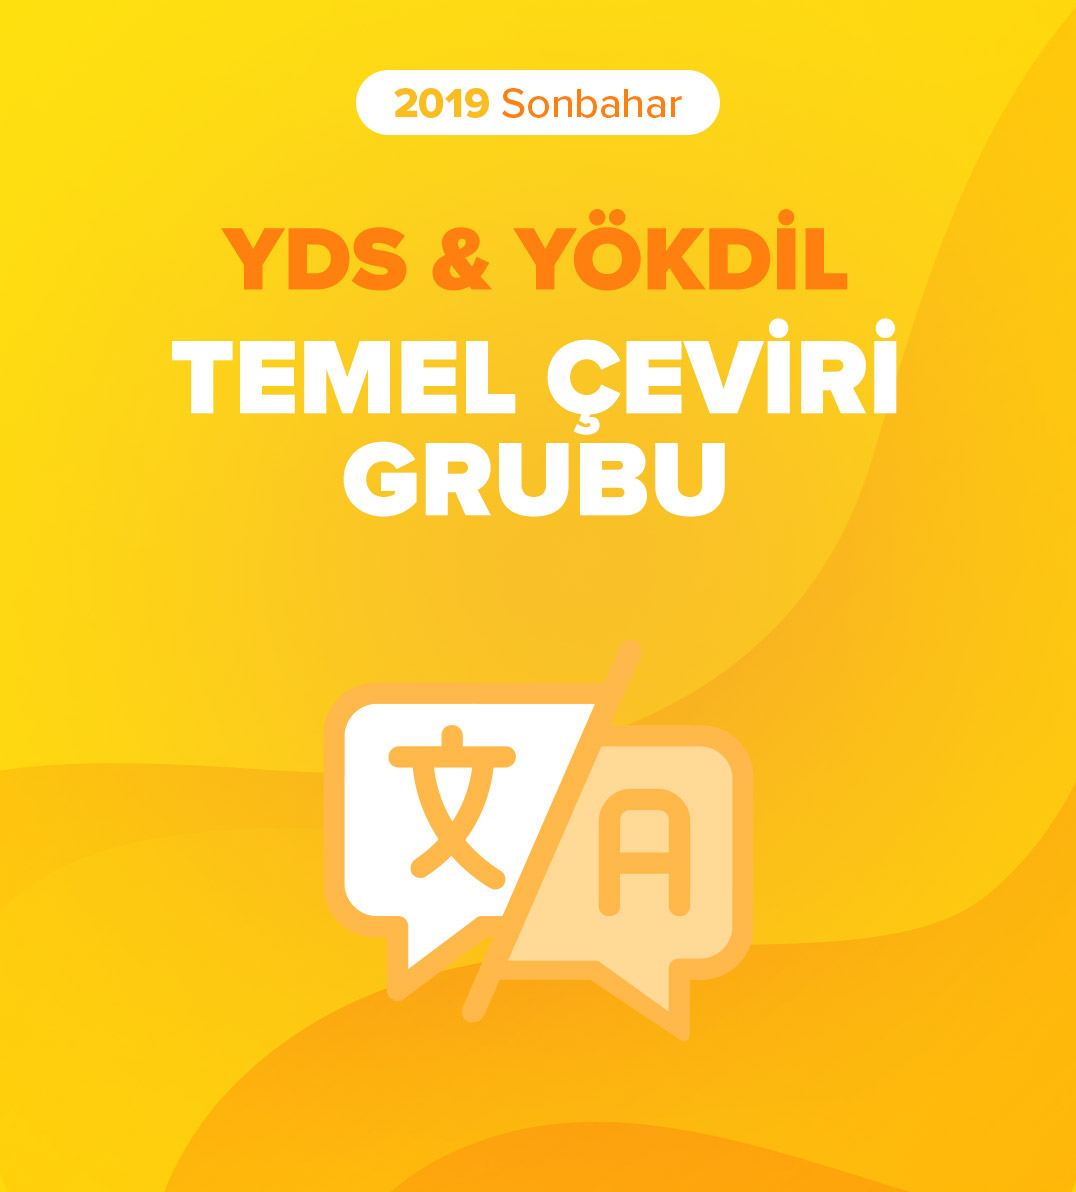 2019 Sonbahar Temel Akademik Çeviri